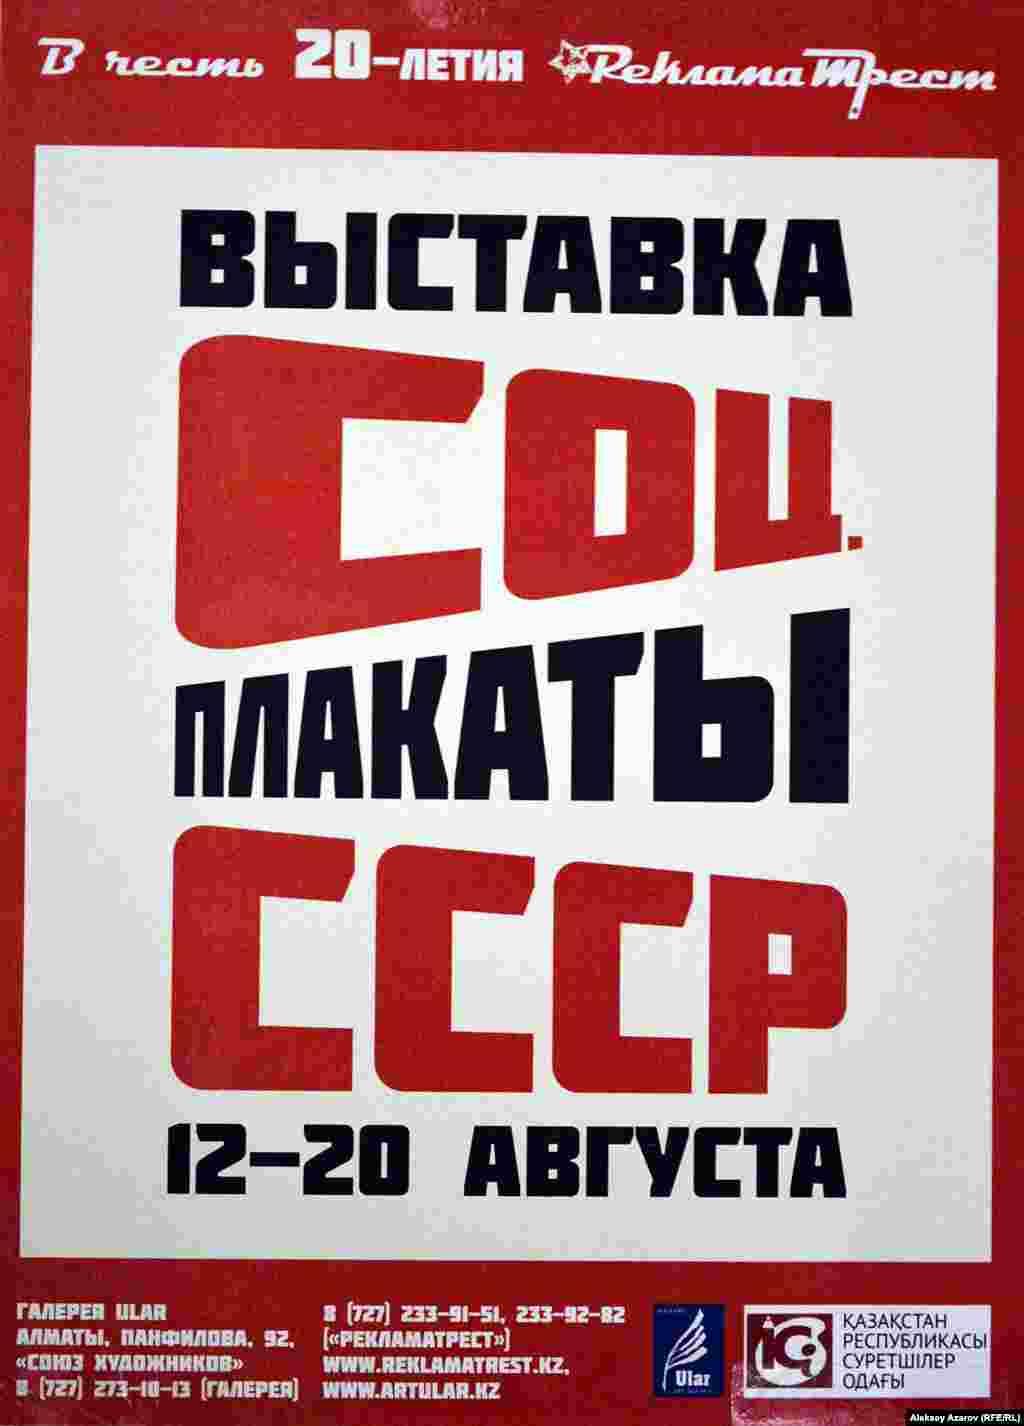 Выставка советского плаката начинается с постера, выполненного встиле советских плакатов.